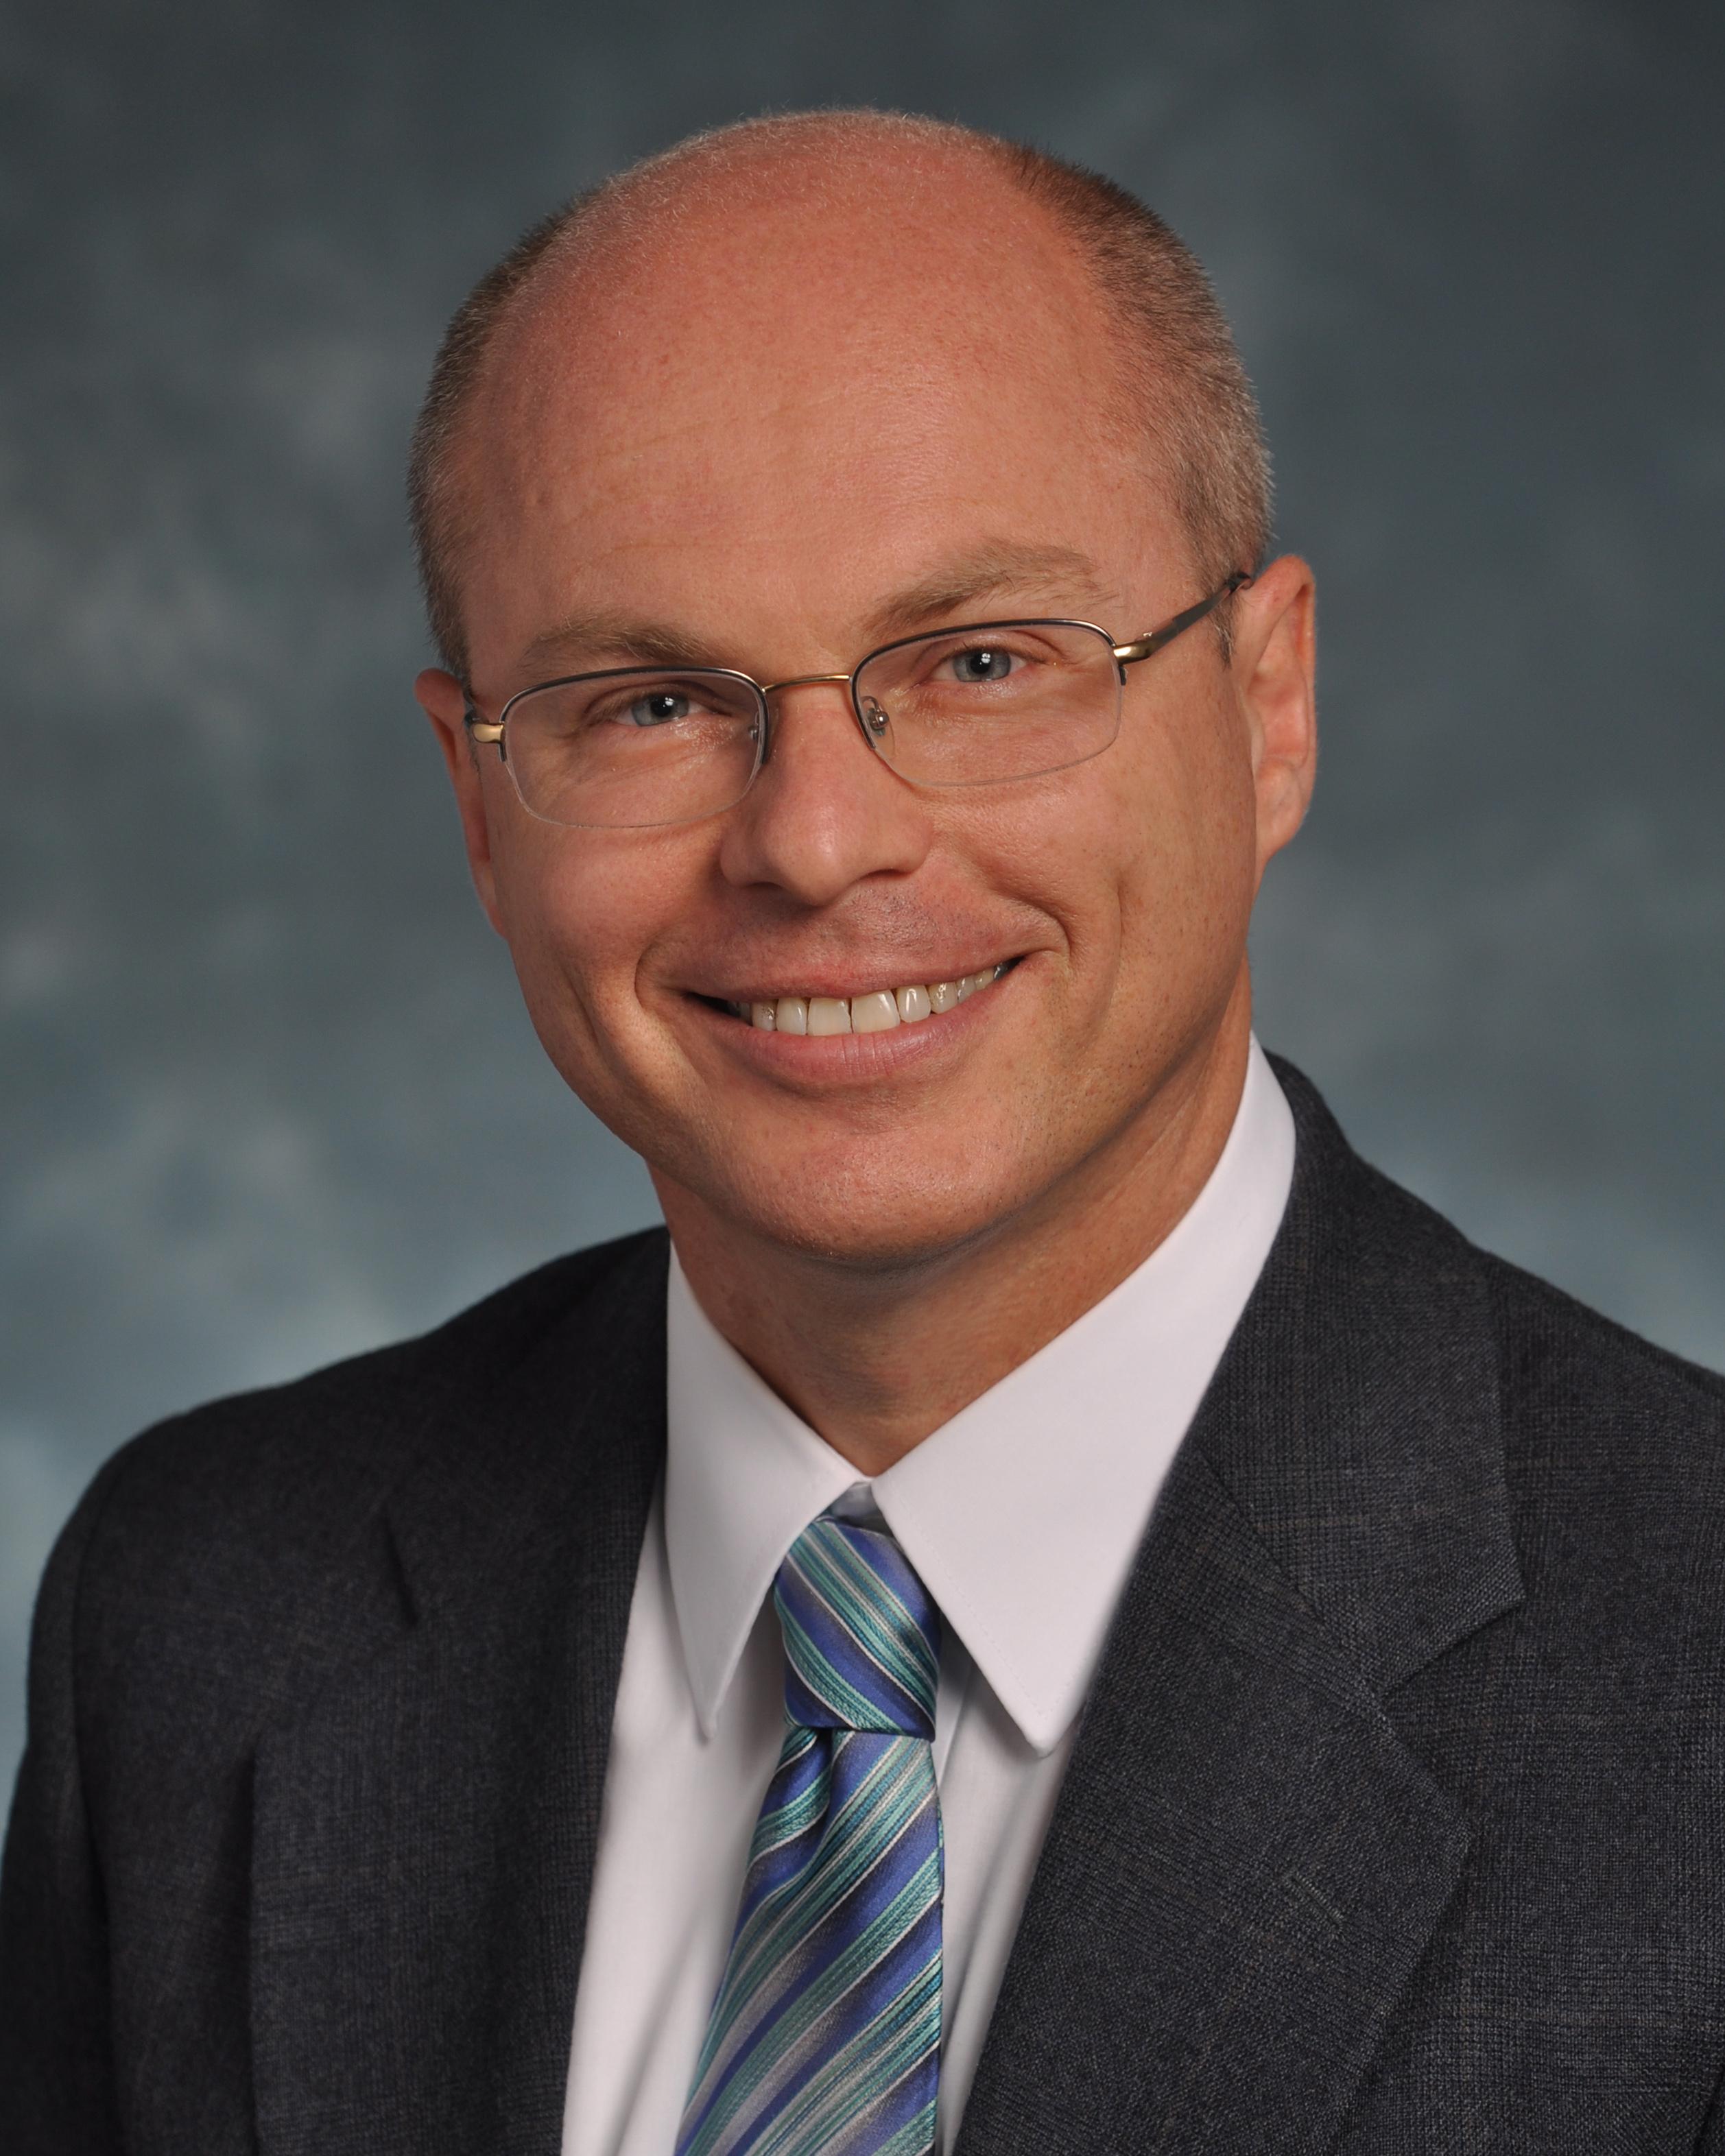 Peter Schuerman